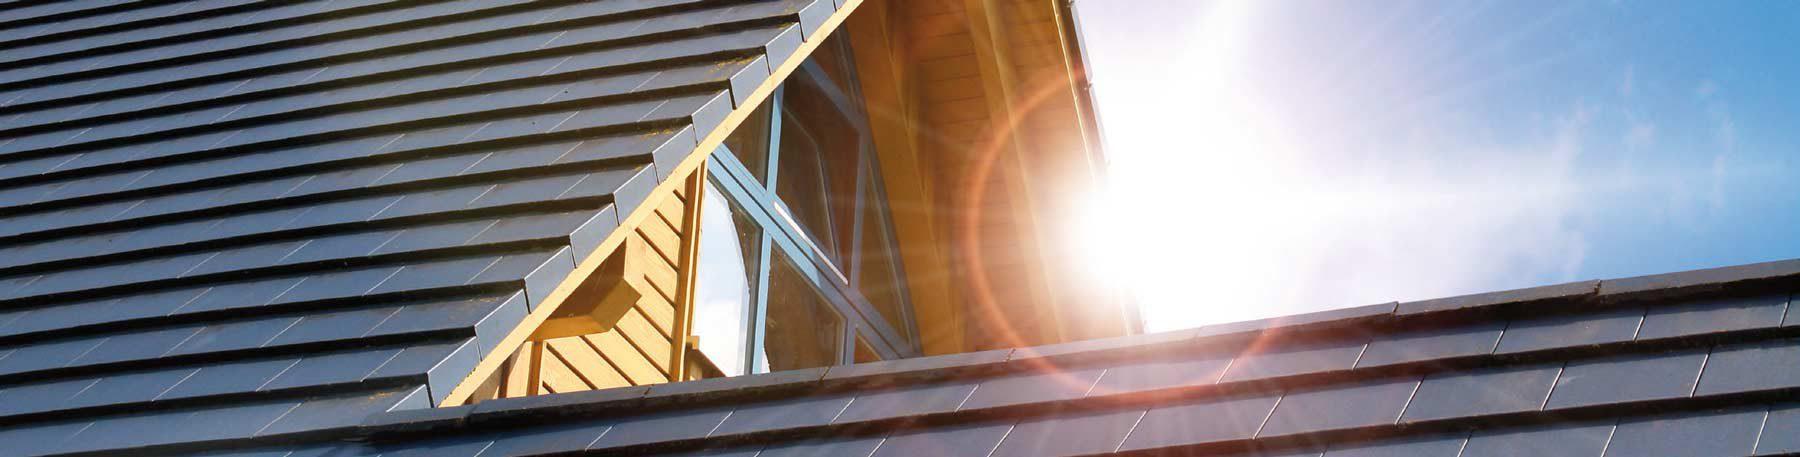 Heizungsbau und Solartechnik in Gieleroth